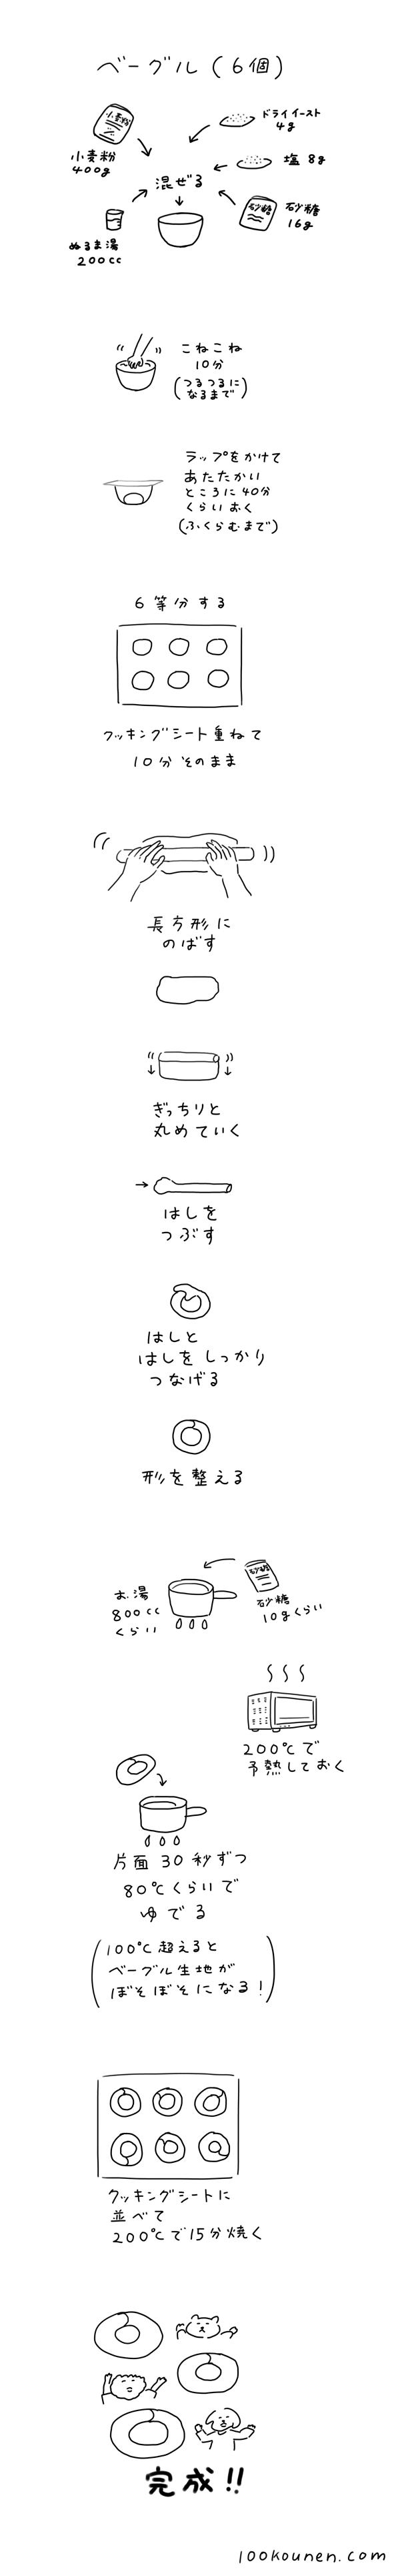 ベーグルのレシピの手順のイラスト